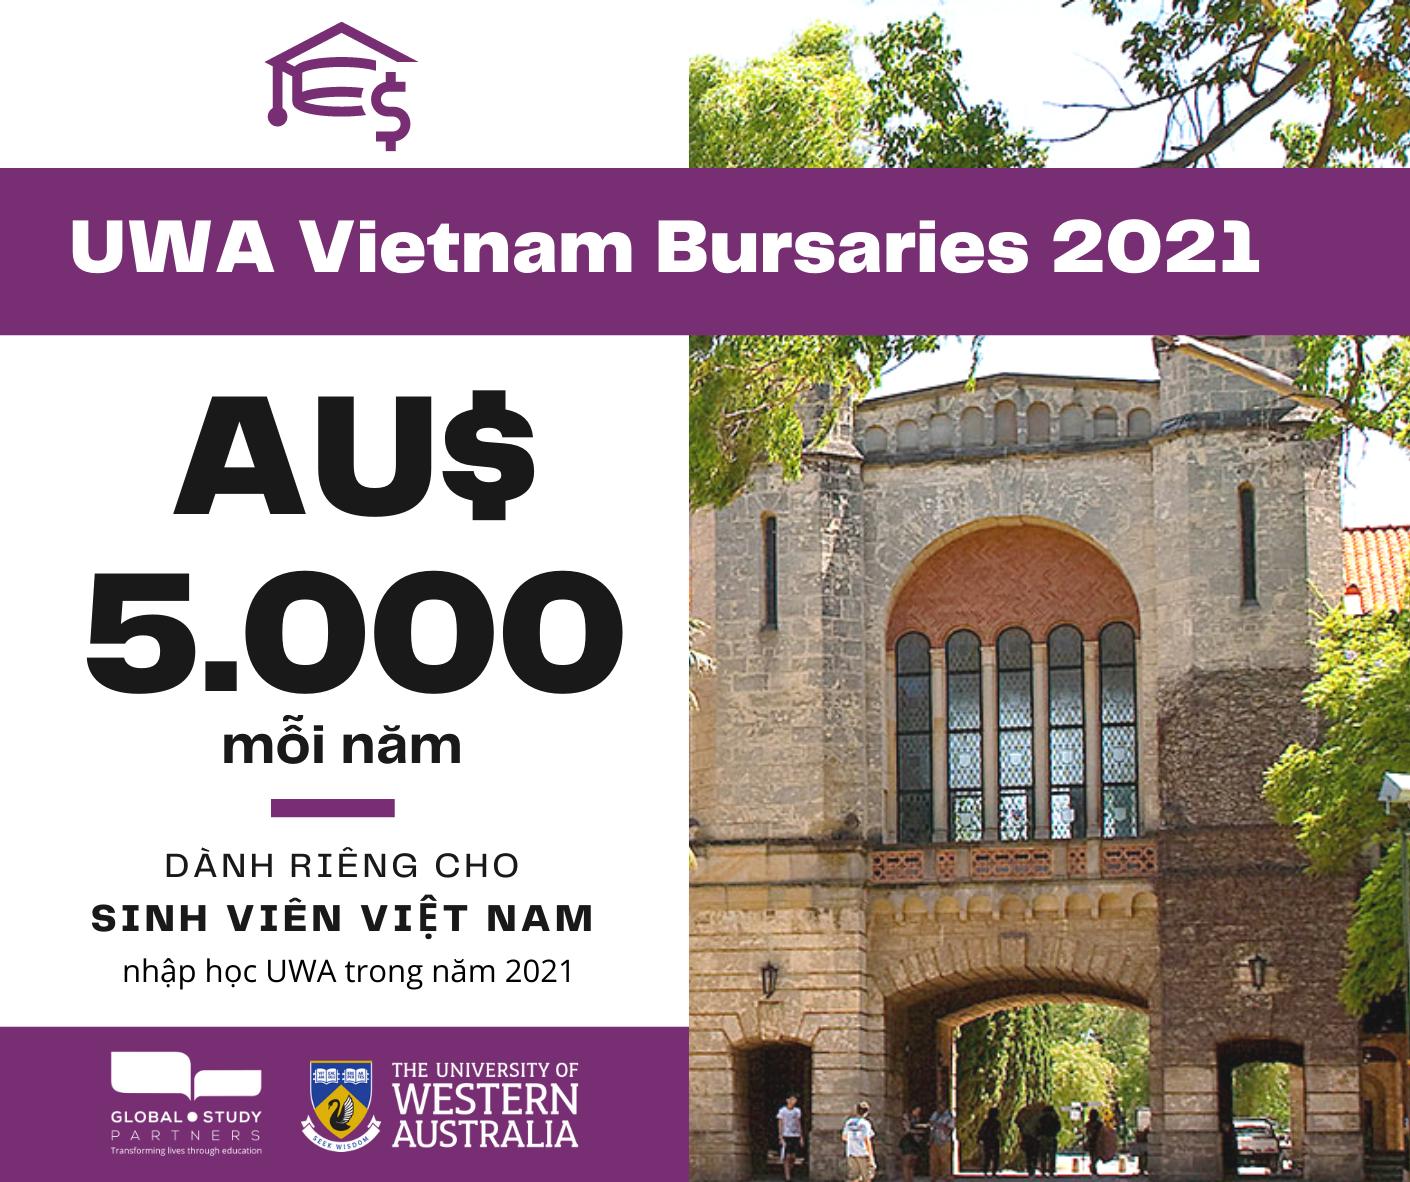 Đại học Tây Úc cấp học bổng lên đến 15,000AUD/1 năm